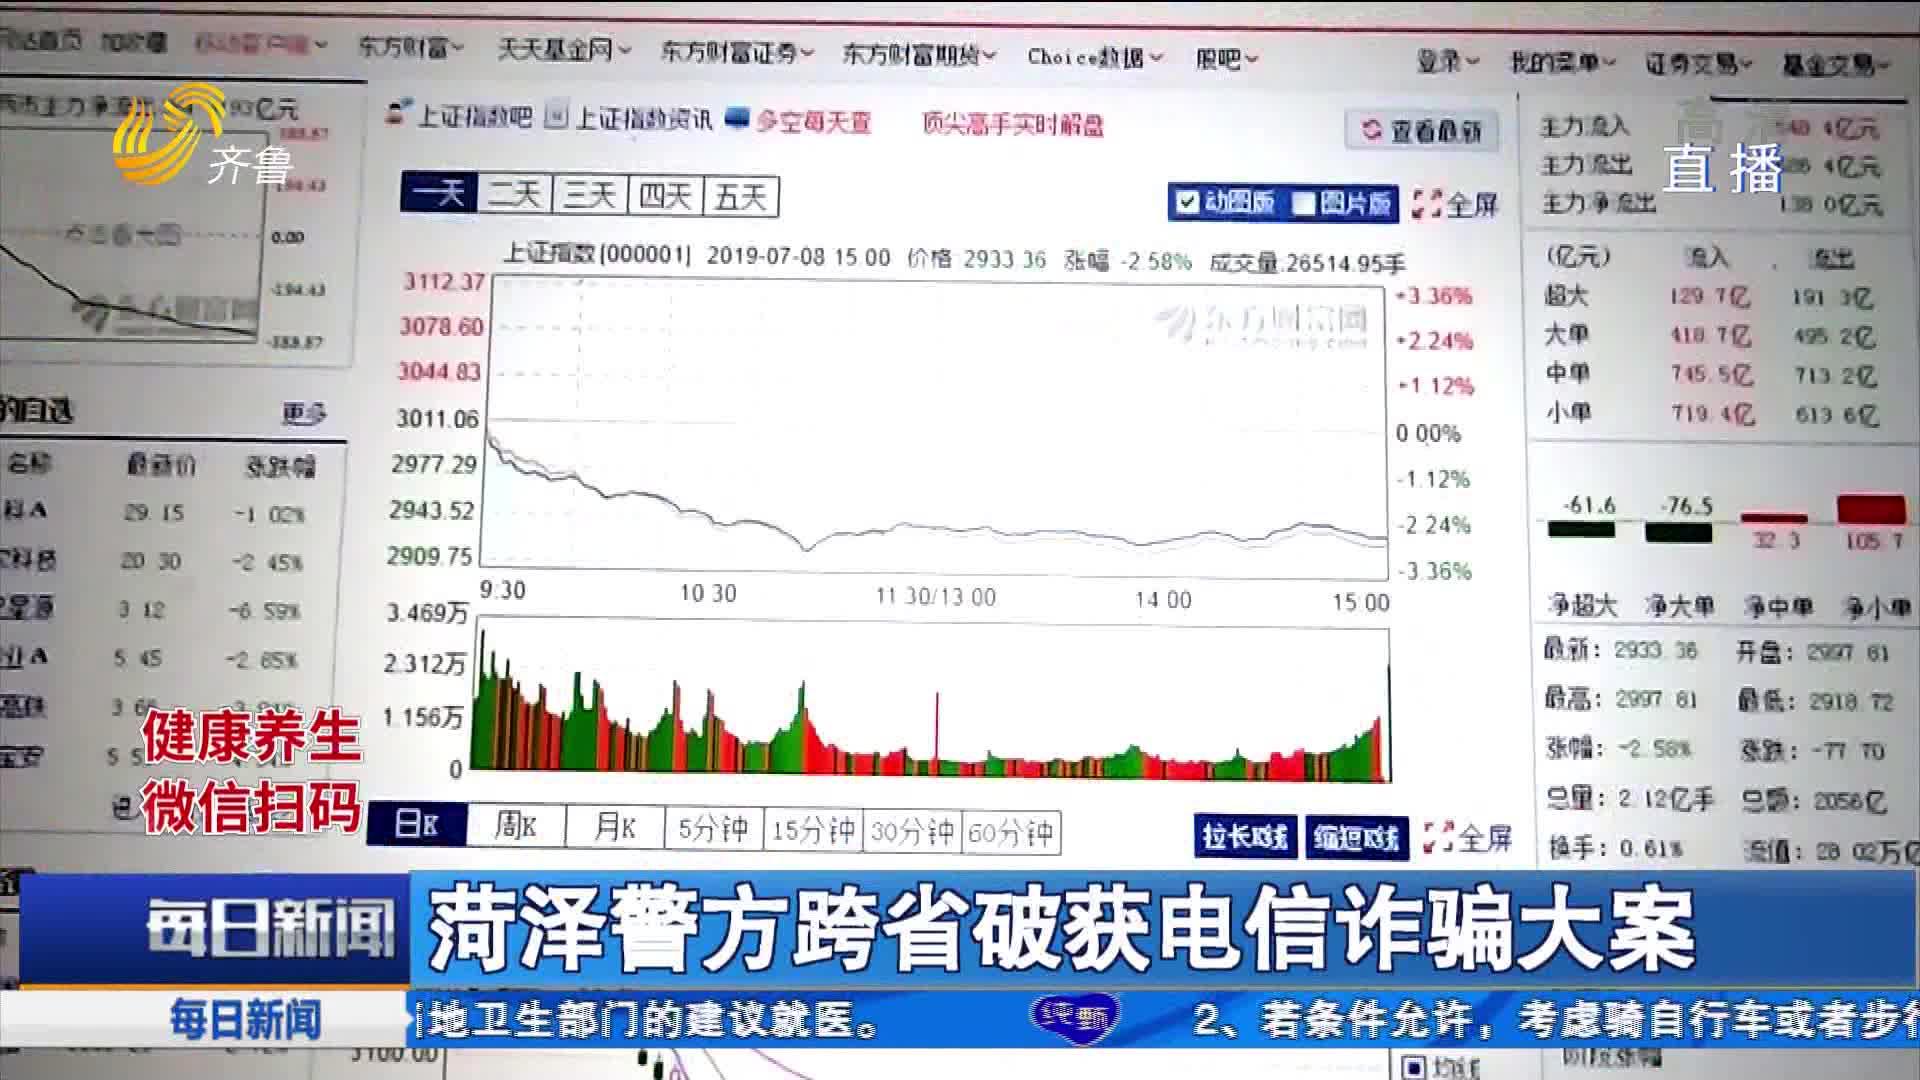 菏泽警方跨省破获电信诈骗大案